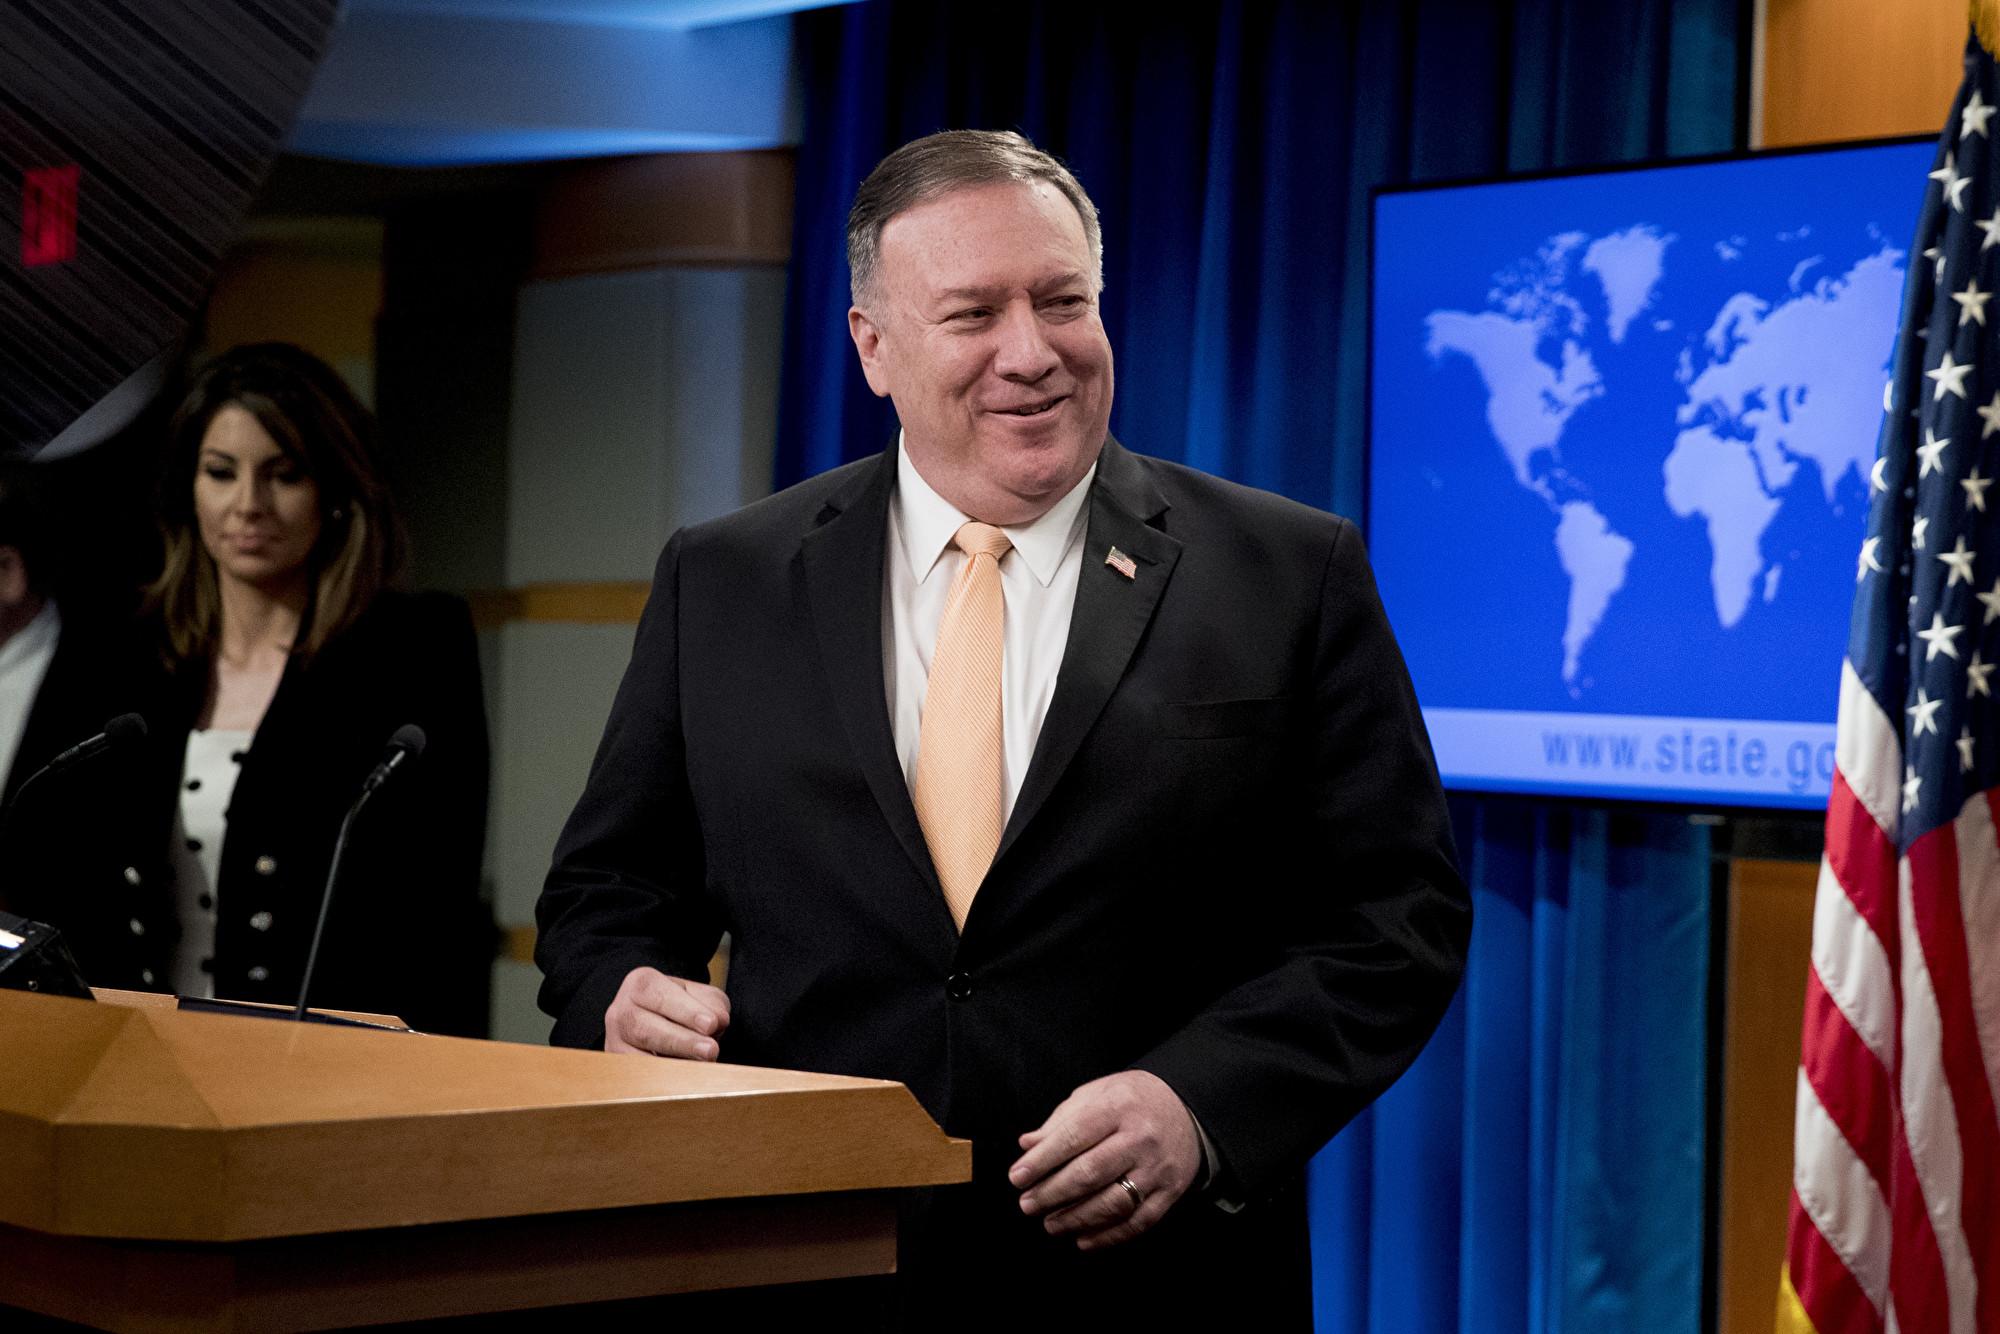 中共近期大搞「慷慨外交」,然而,根據美國國務院的資料,中共對國際社會的貢獻度與美國相比,只是「小巫」。圖為美國國務卿蓬佩奧。(Andrew Harnik/POOL/AFP)